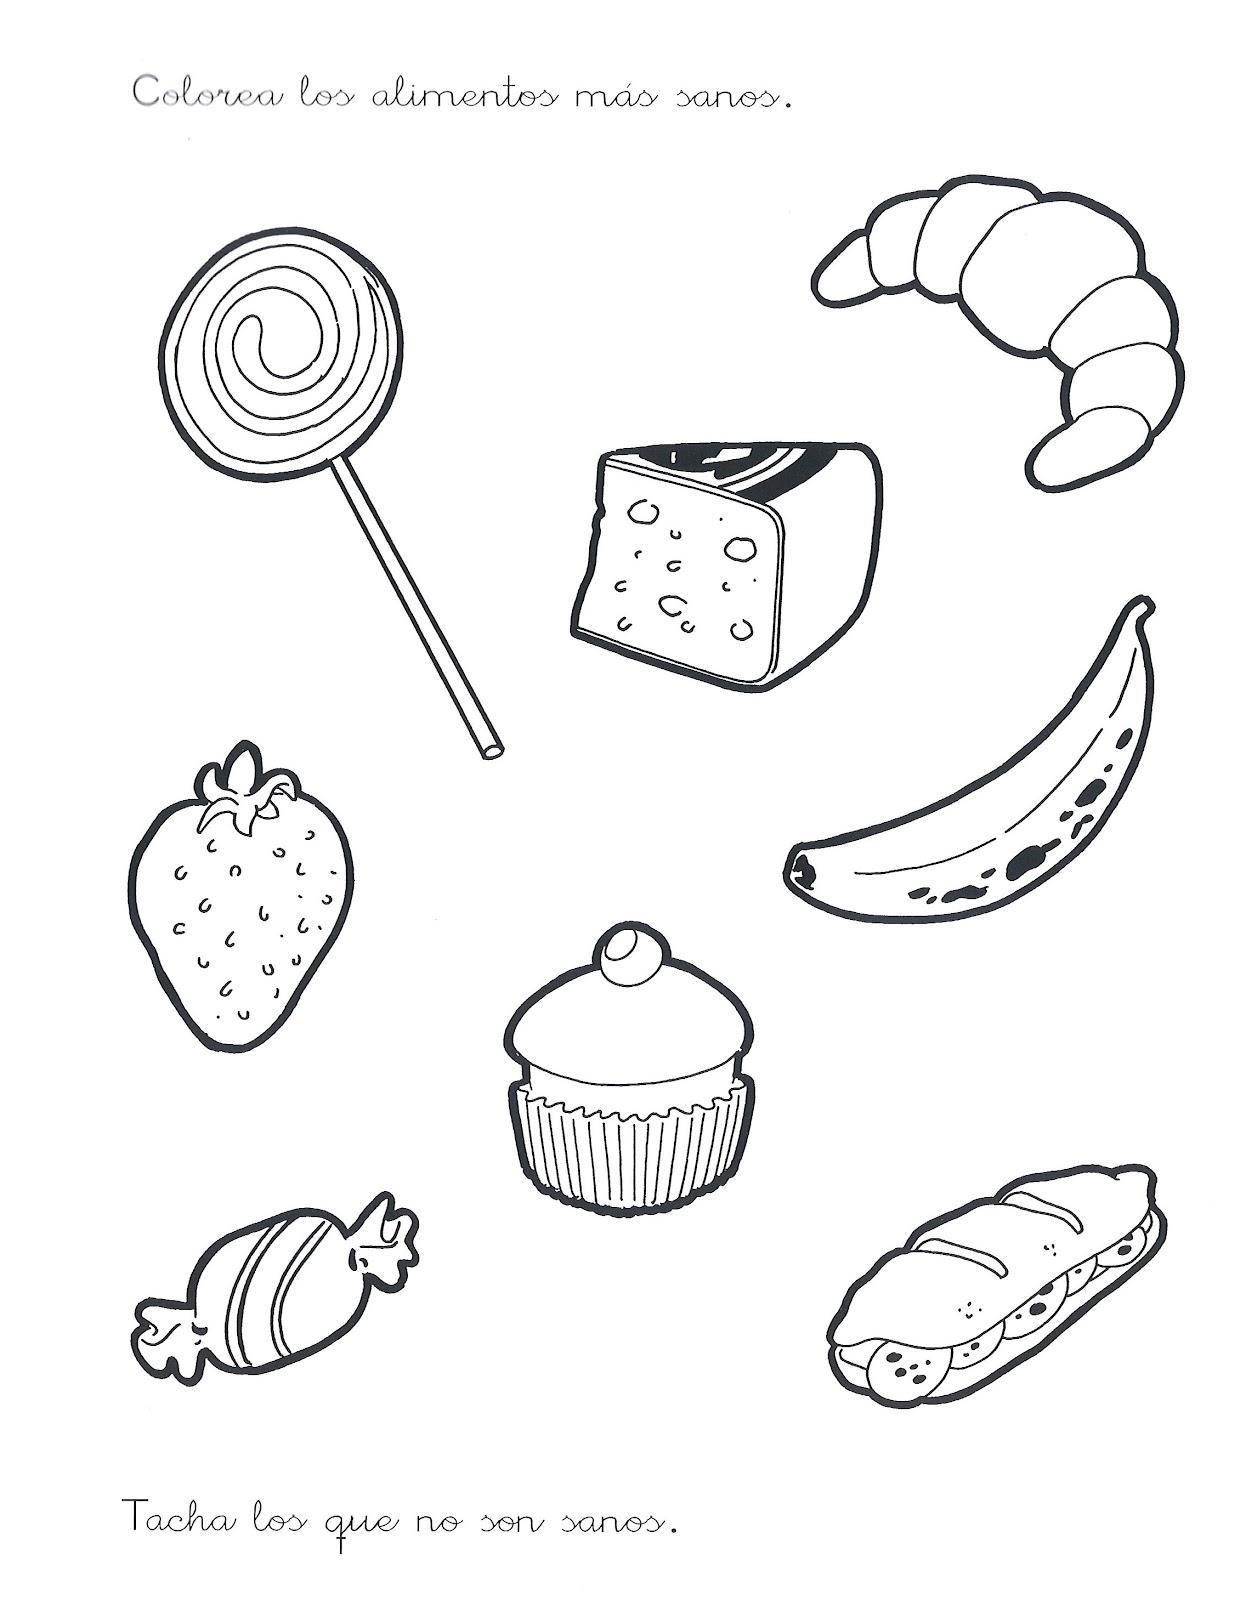 Fichas para colorear de comida chatarra y saludable - Imagui